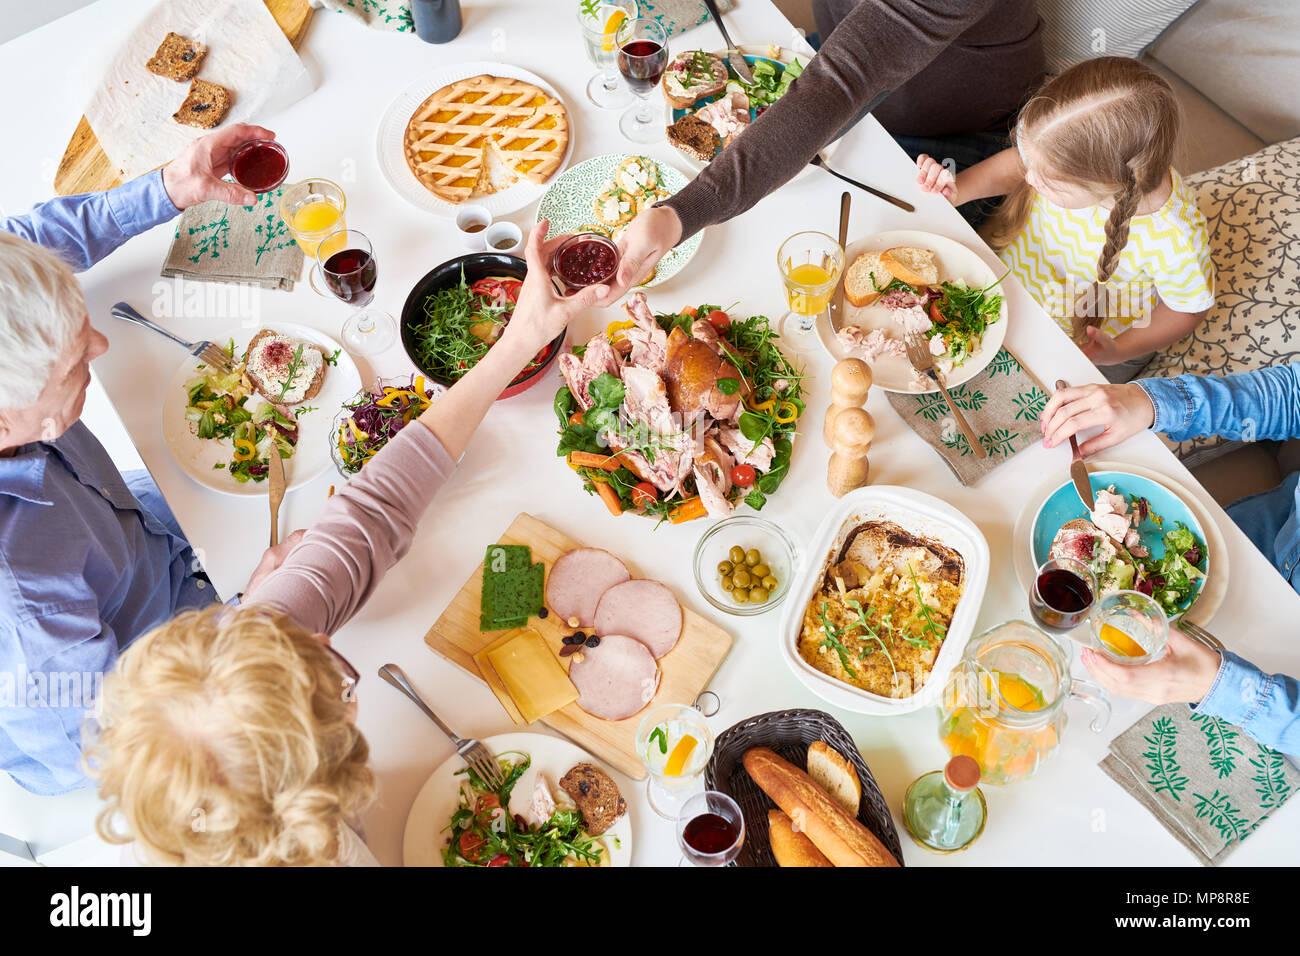 Oben Ansicht von Familie Abendessen Stockbild